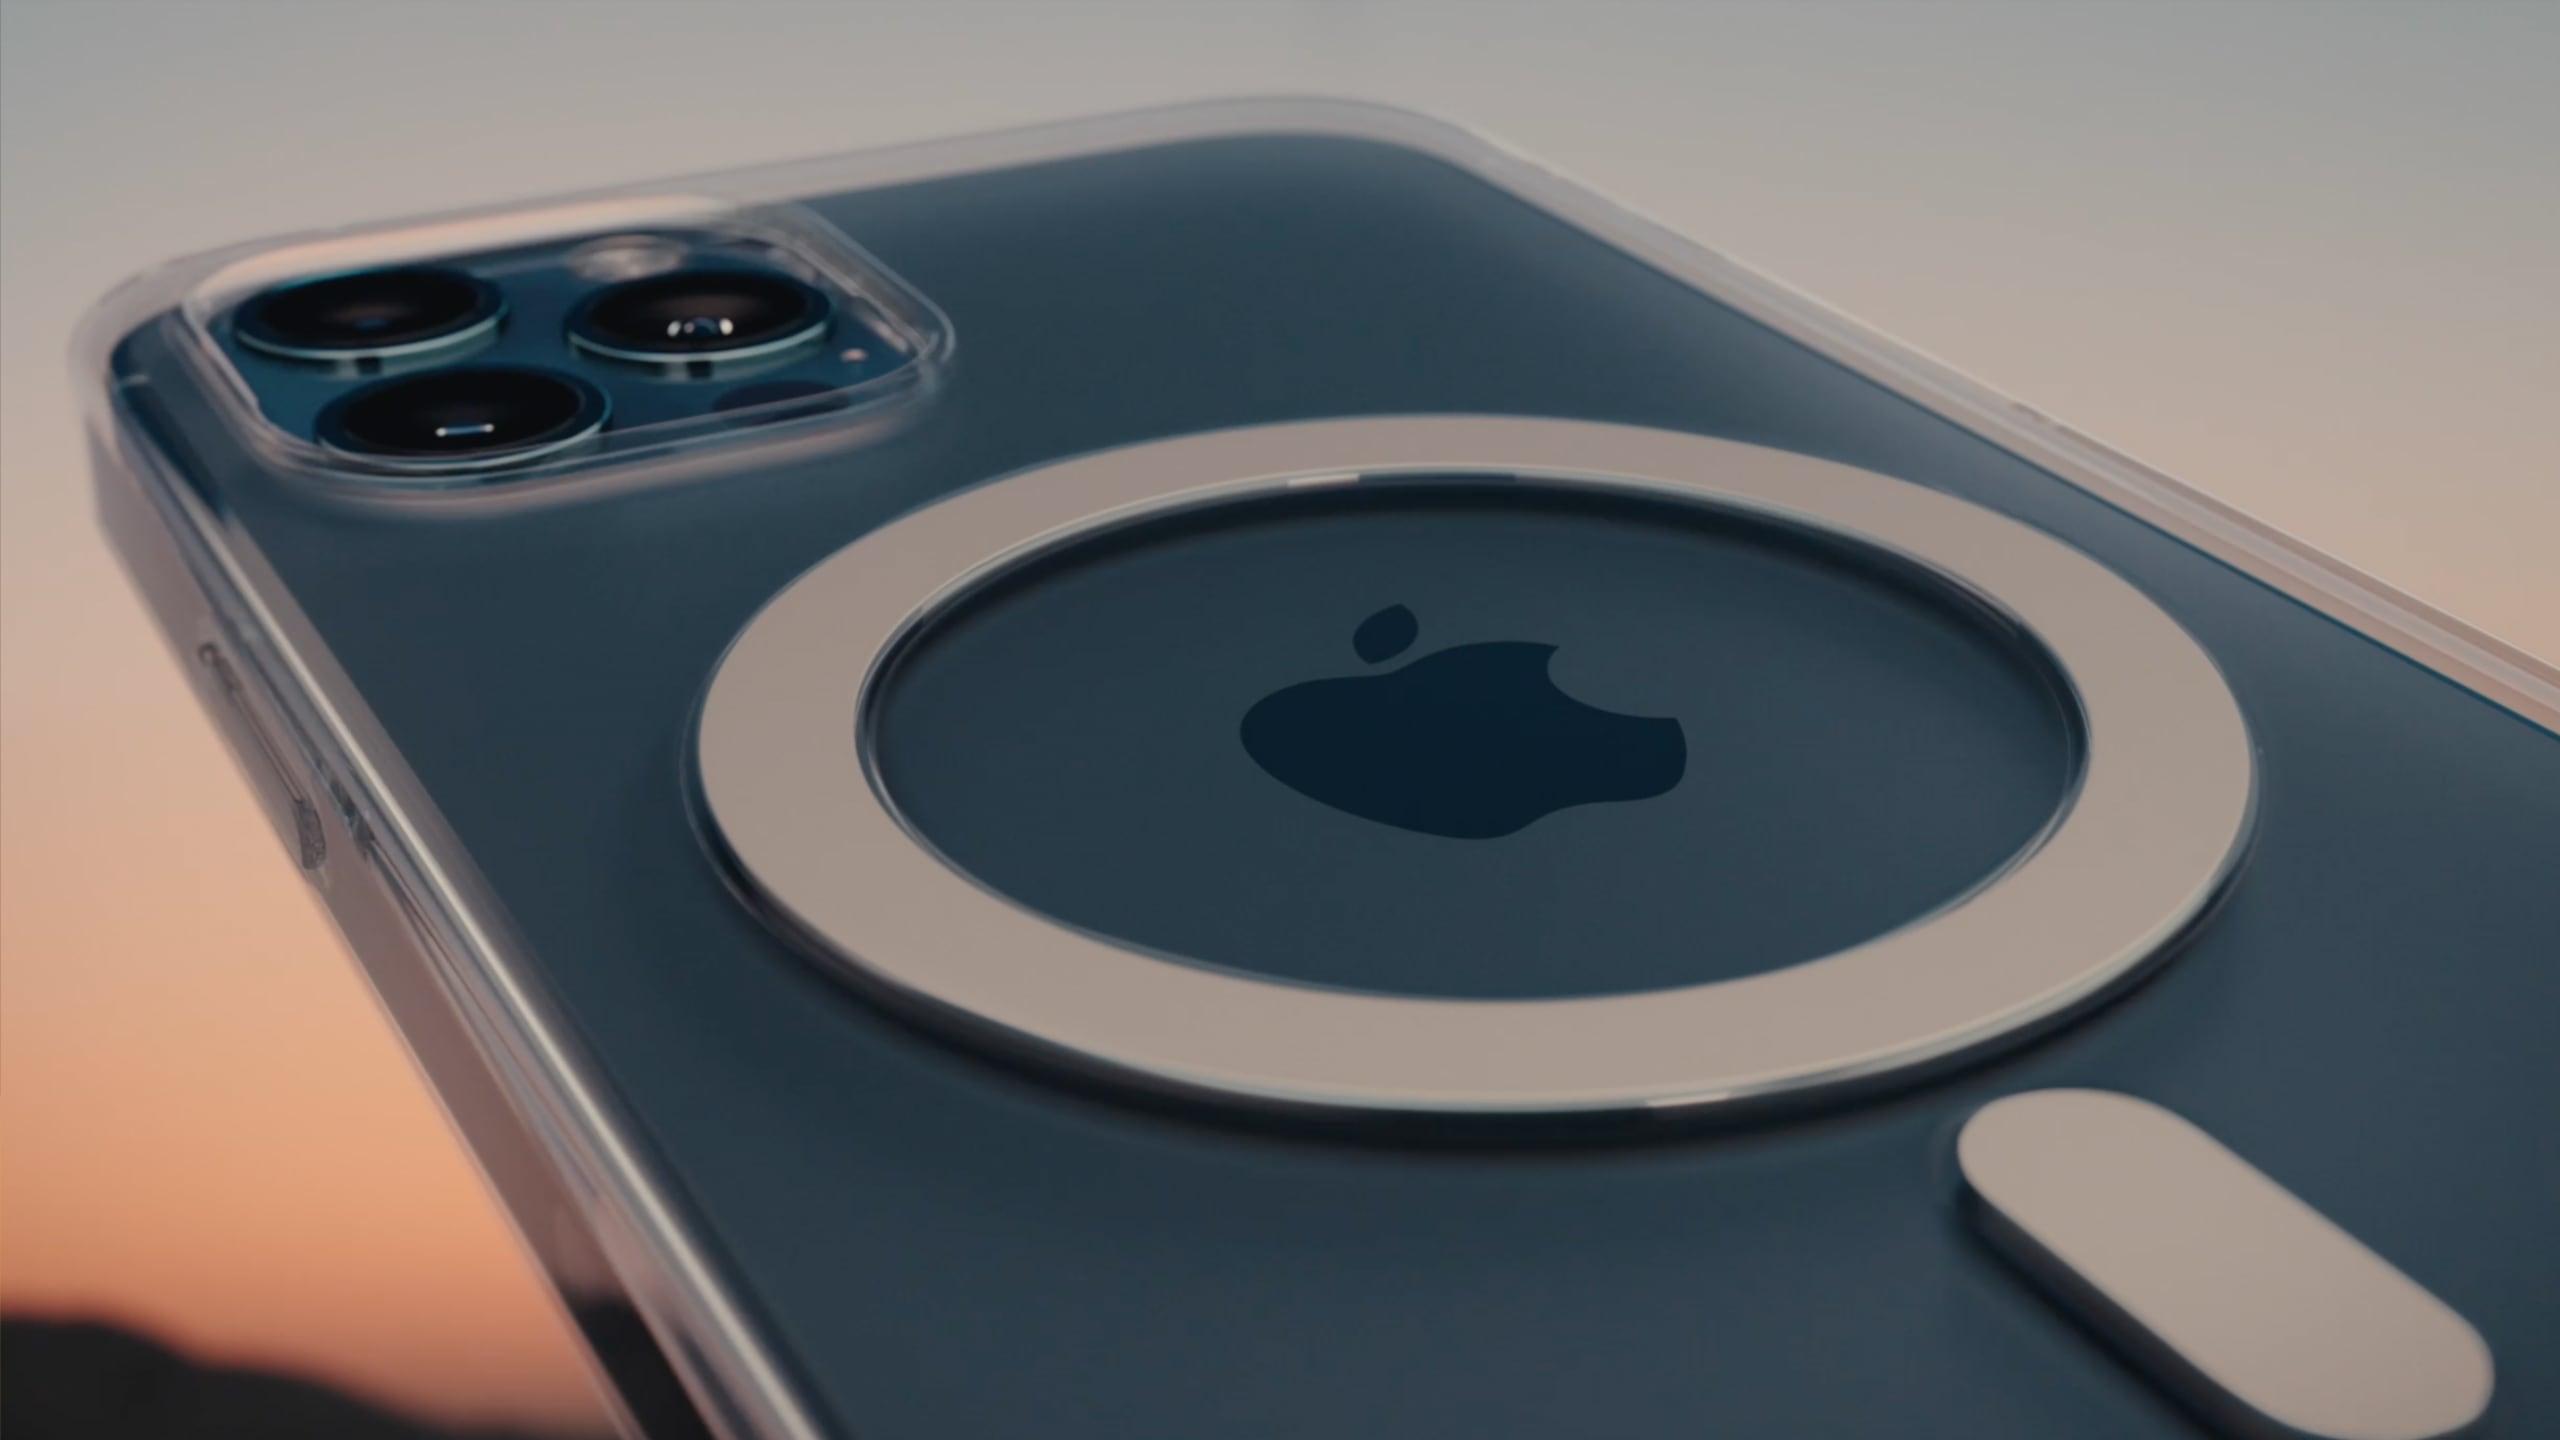 Điện thoại iPhone 13 nâng cấp đáng kể: tích hợp sạc MagSafe, màn hình chế độ Always-on Display - Ảnh 3.